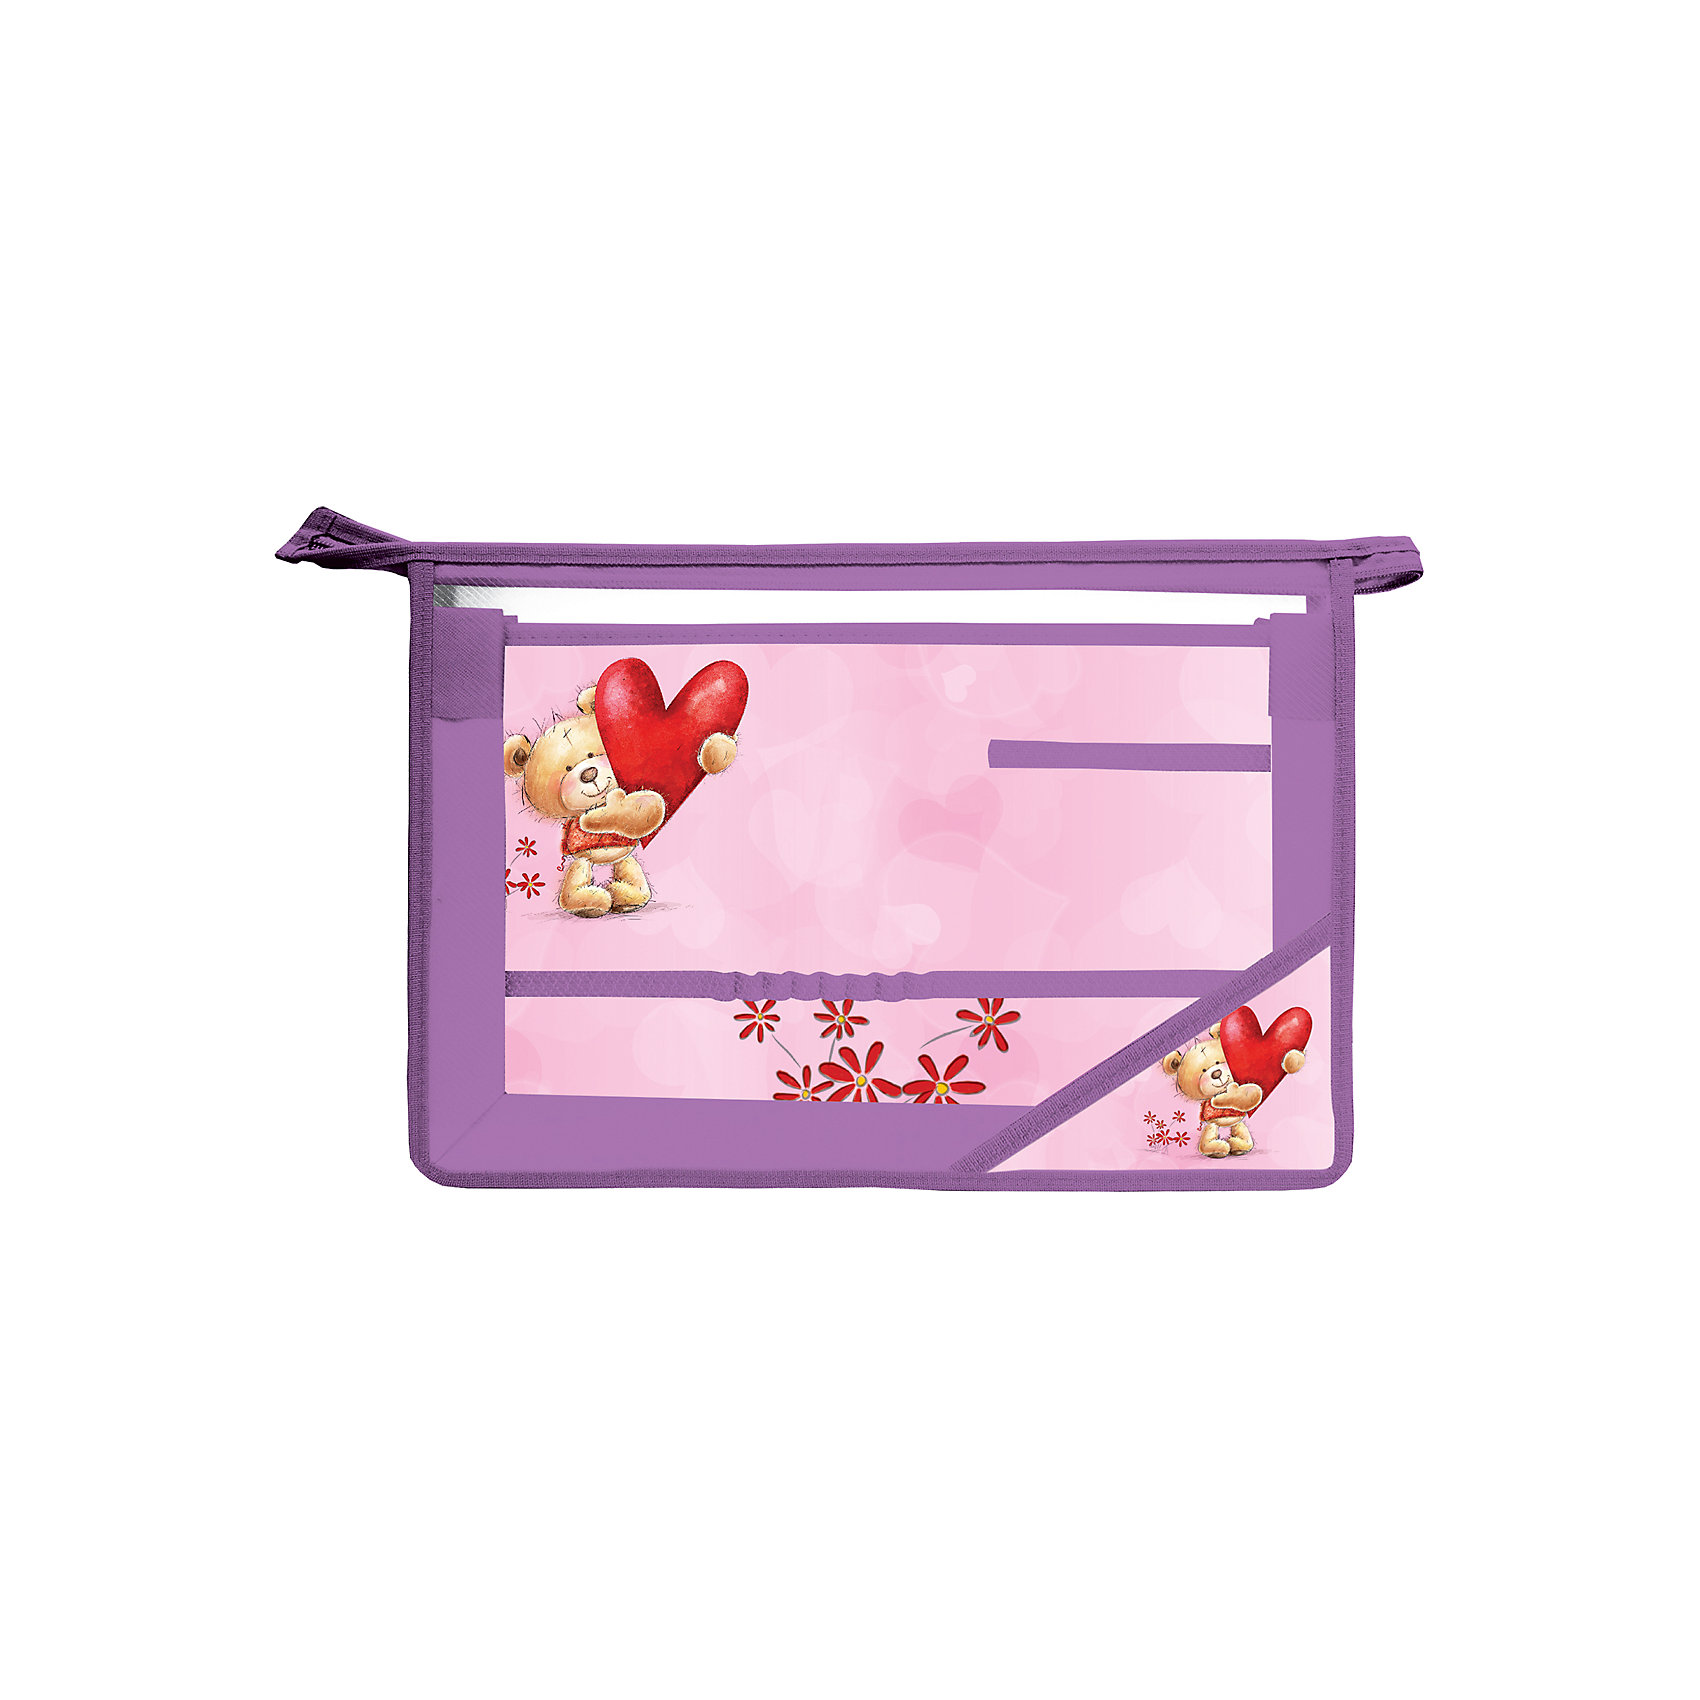 Папка для труда Медвежонок, А4Папка для труда предназначена для девочек. Дизайн выполнен в нежных сиренево-розовых цветах и дополнен изображением забавного медвежонка.<br>Изготовлена из прочного пластика.<br><br>Дополнительная информация: <br><br>- Формат А4 (330х230 мм).<br>- 1 отделение.<br>- Материал-полипропилен.<br>- Вкладыш для принадлежностей.<br>- Застежка-молния по верхнему краю папки.<br>- Материал уголка - ламинированный картон.<br>- Размер упаковки: 23,5х33х1,2 см.<br>- Вес в упаковке: 196 г. <br><br>Папку для труда Медвежонок можно купить в нашем магазине.<br><br>Ширина мм: 235<br>Глубина мм: 330<br>Высота мм: 12<br>Вес г: 196<br>Возраст от месяцев: 72<br>Возраст до месяцев: 2147483647<br>Пол: Унисекс<br>Возраст: Детский<br>SKU: 4792706